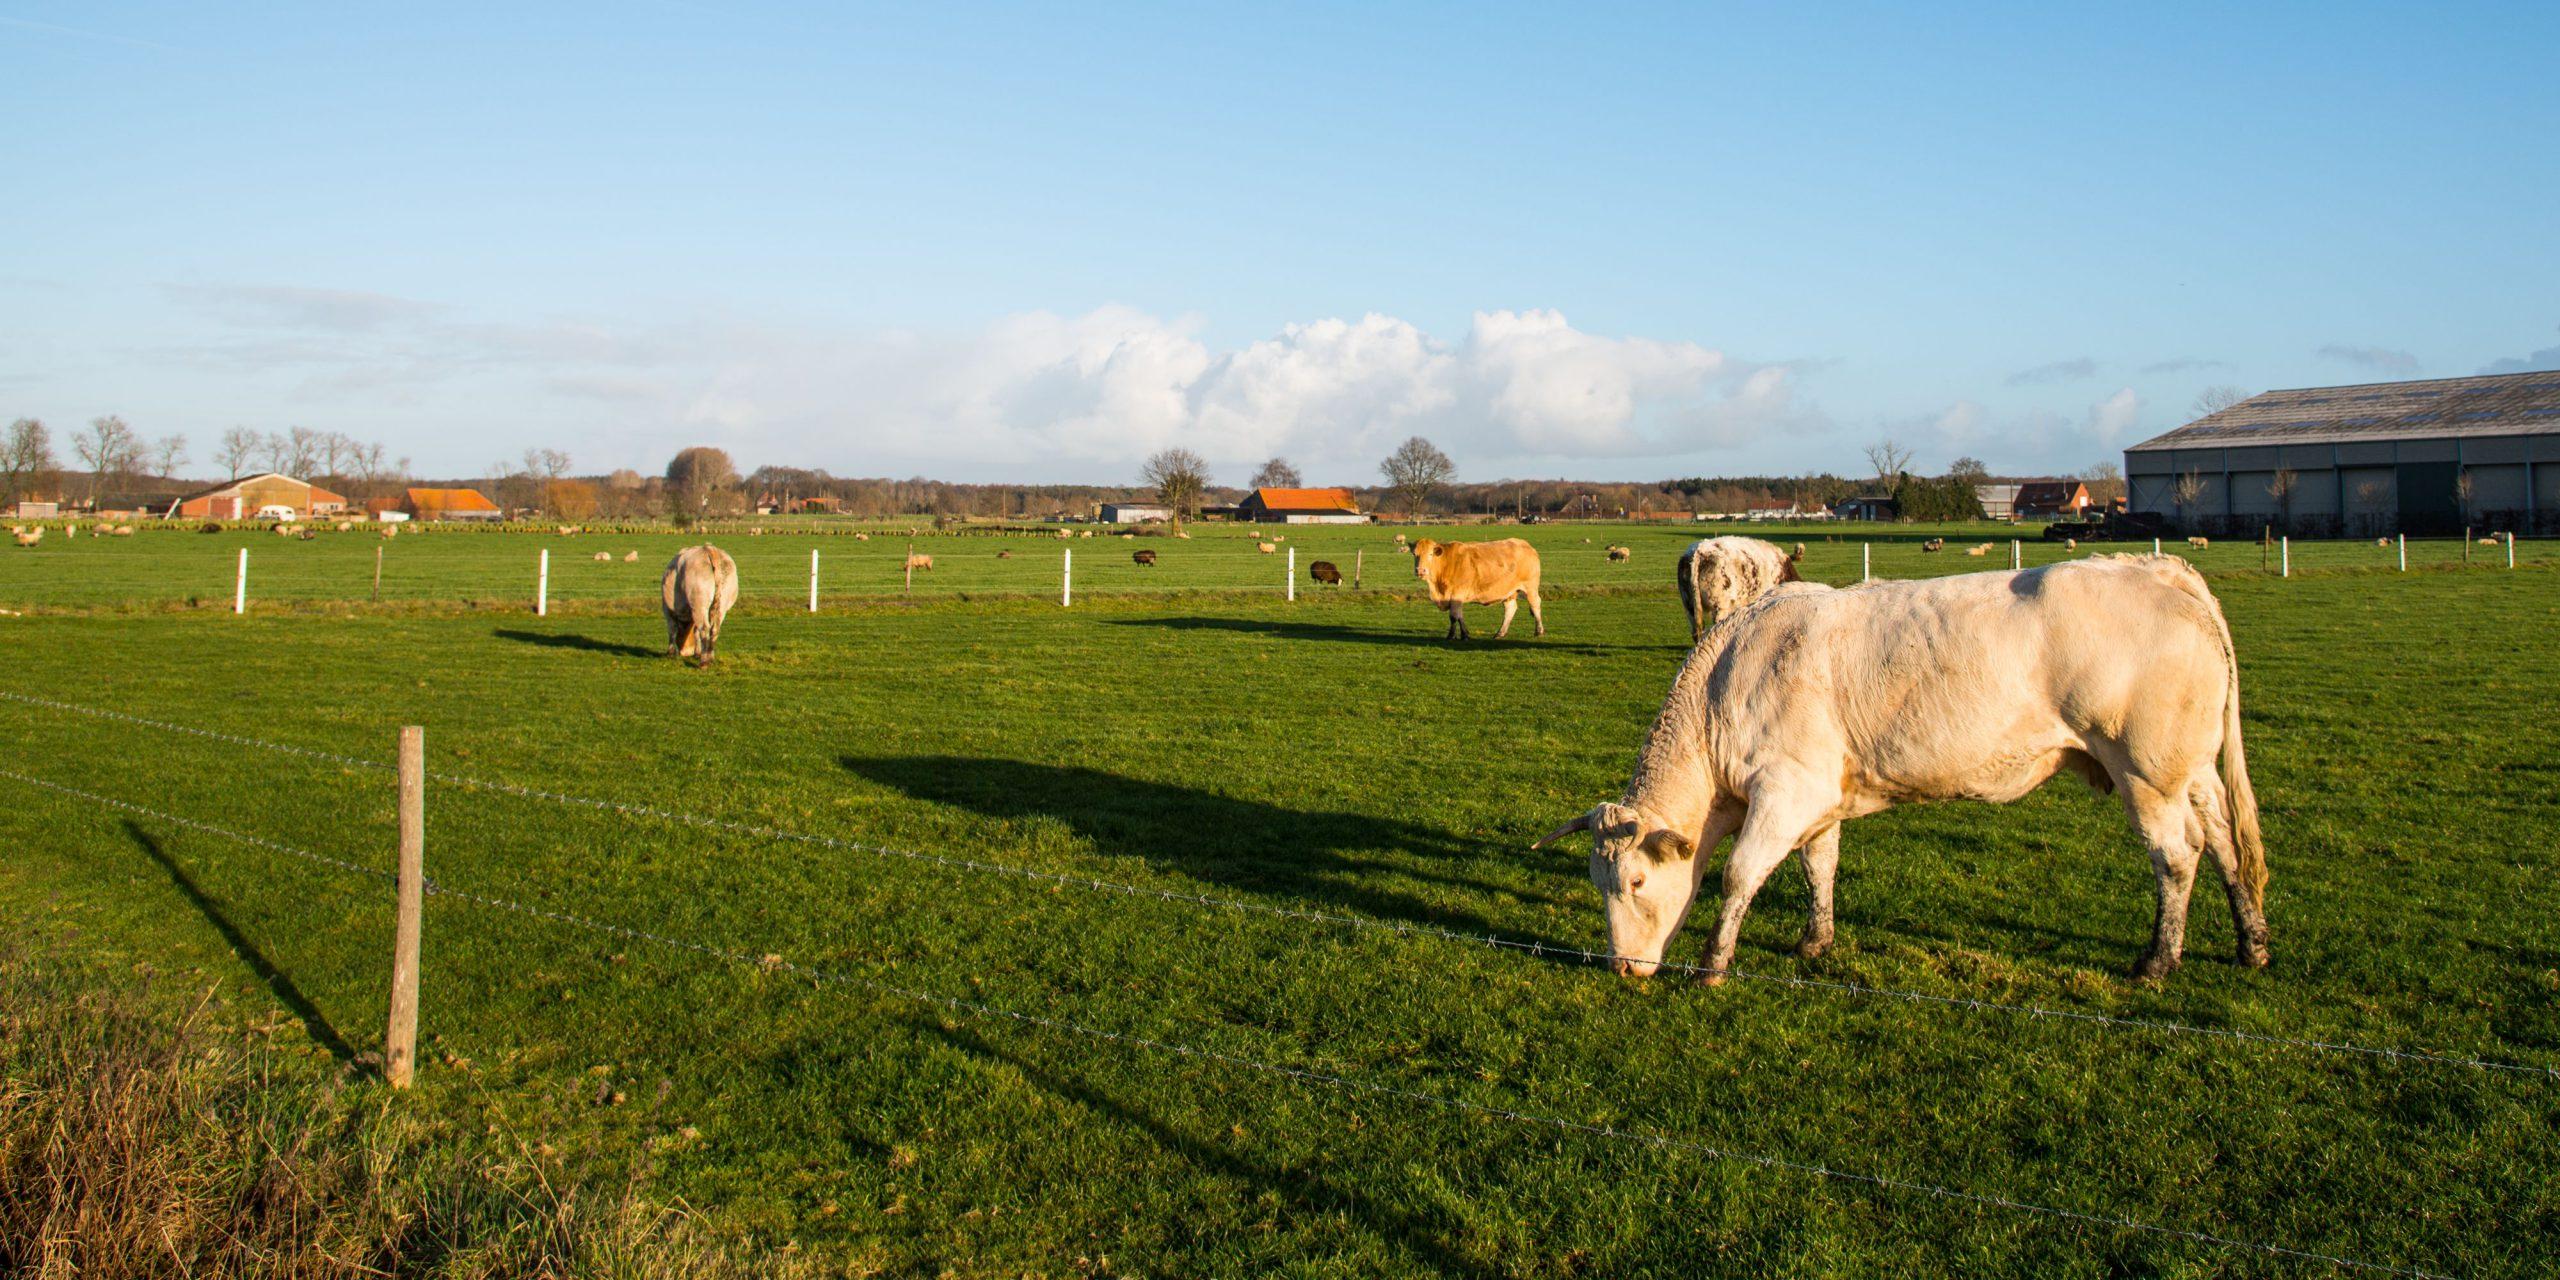 Vlaamse koeien in de weide (foto: Jozef Van Giel)